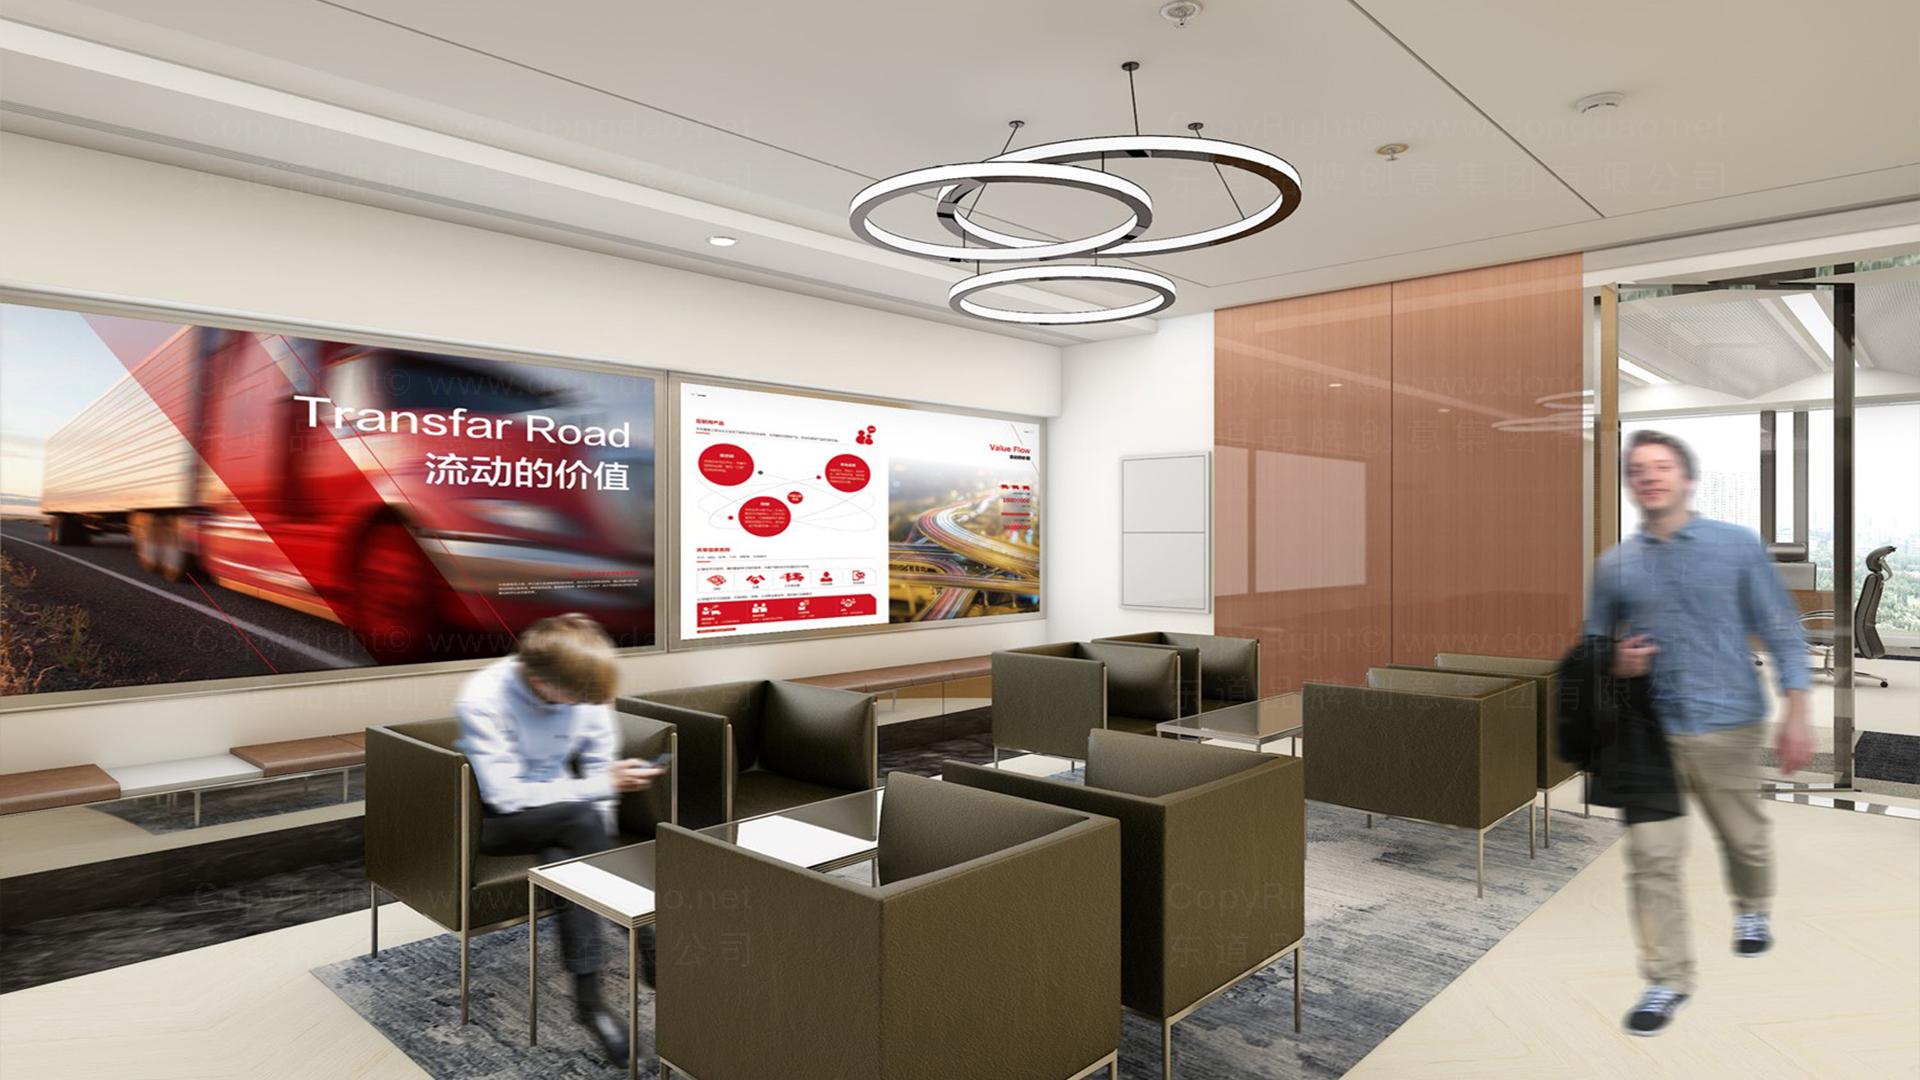 商业空间&导示传化支付展厅设计应用场景_8